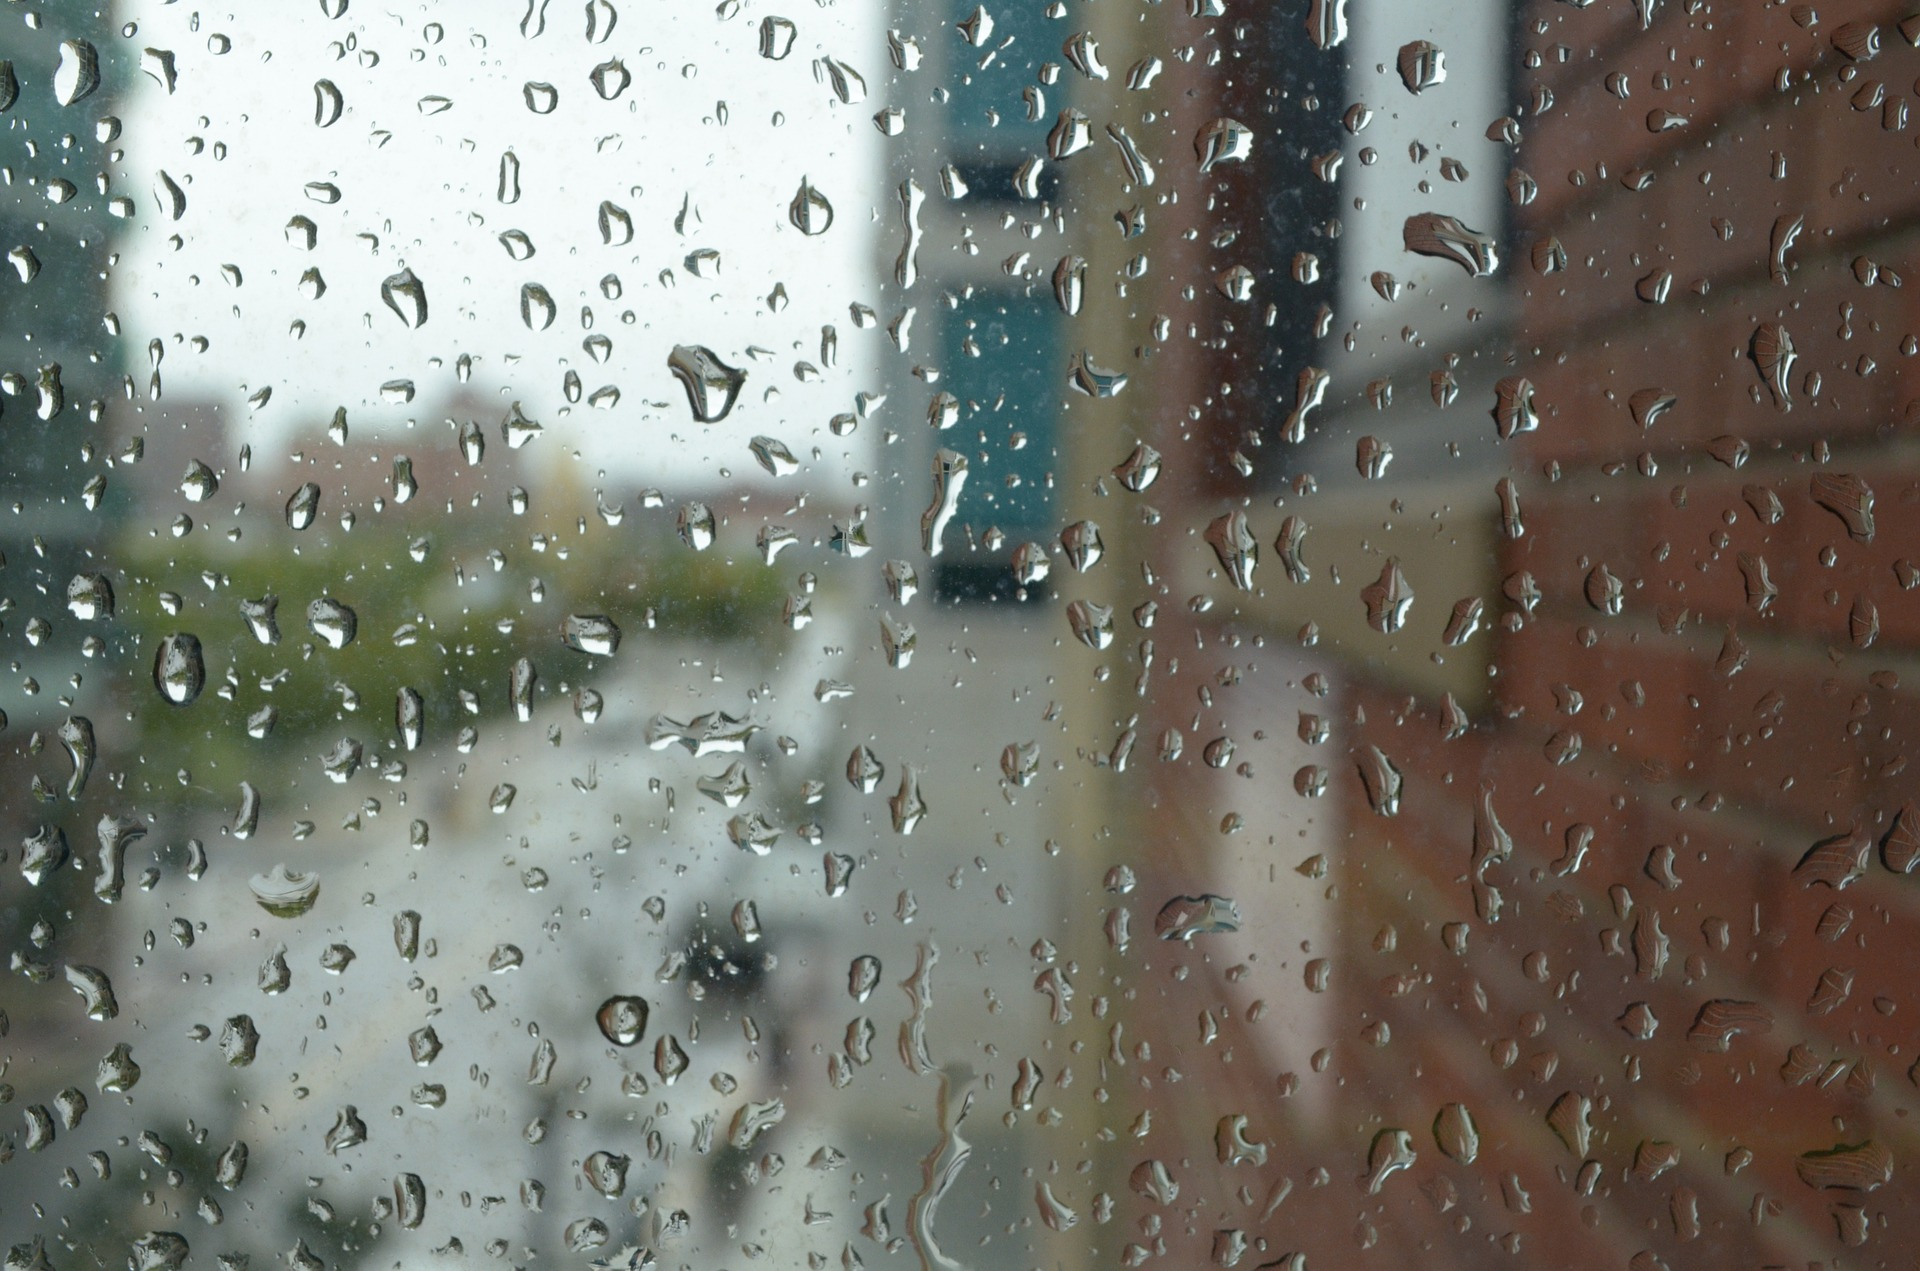 raindrops-968959_1920